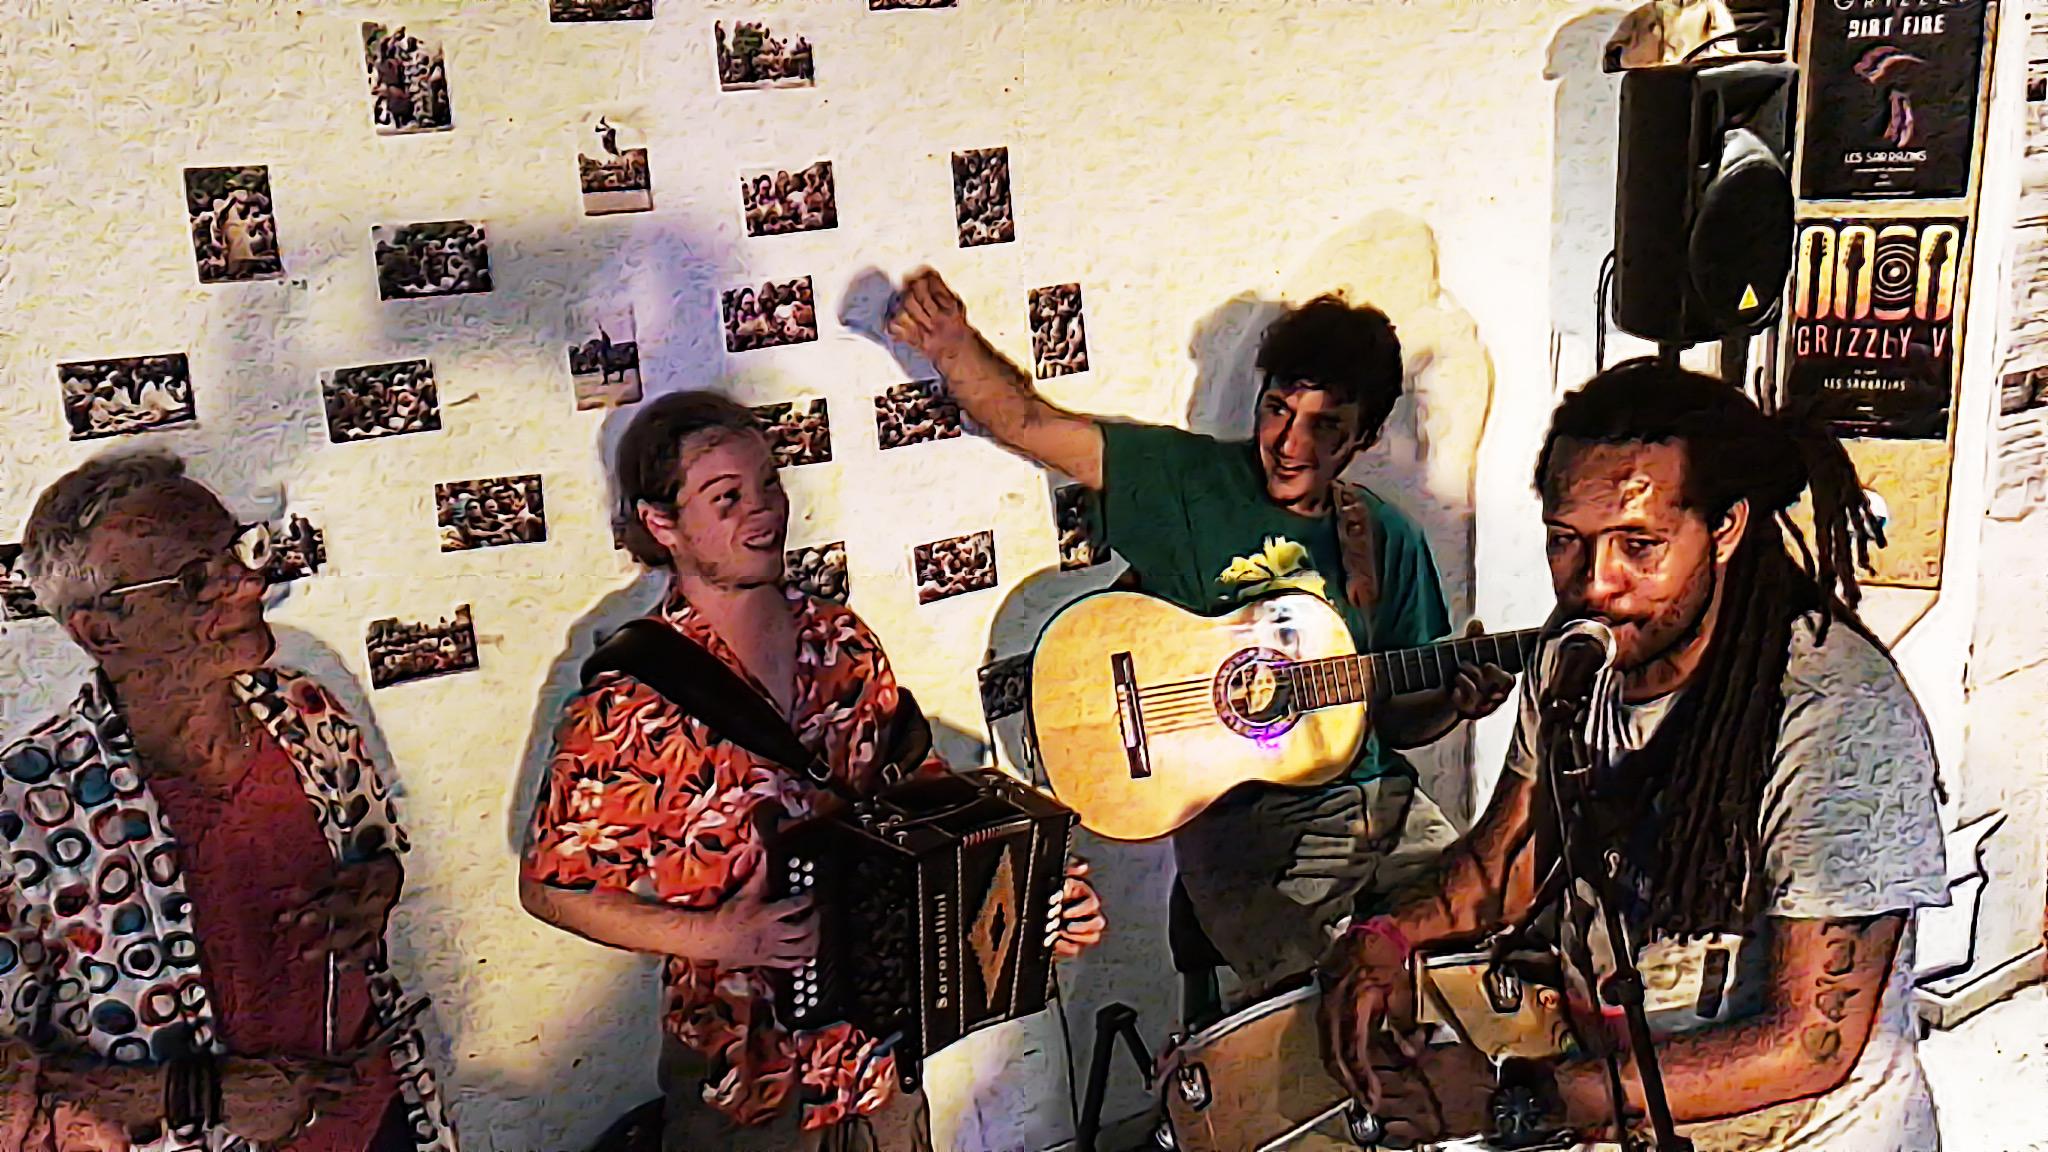 Bal forró avec Os Nordistinhos